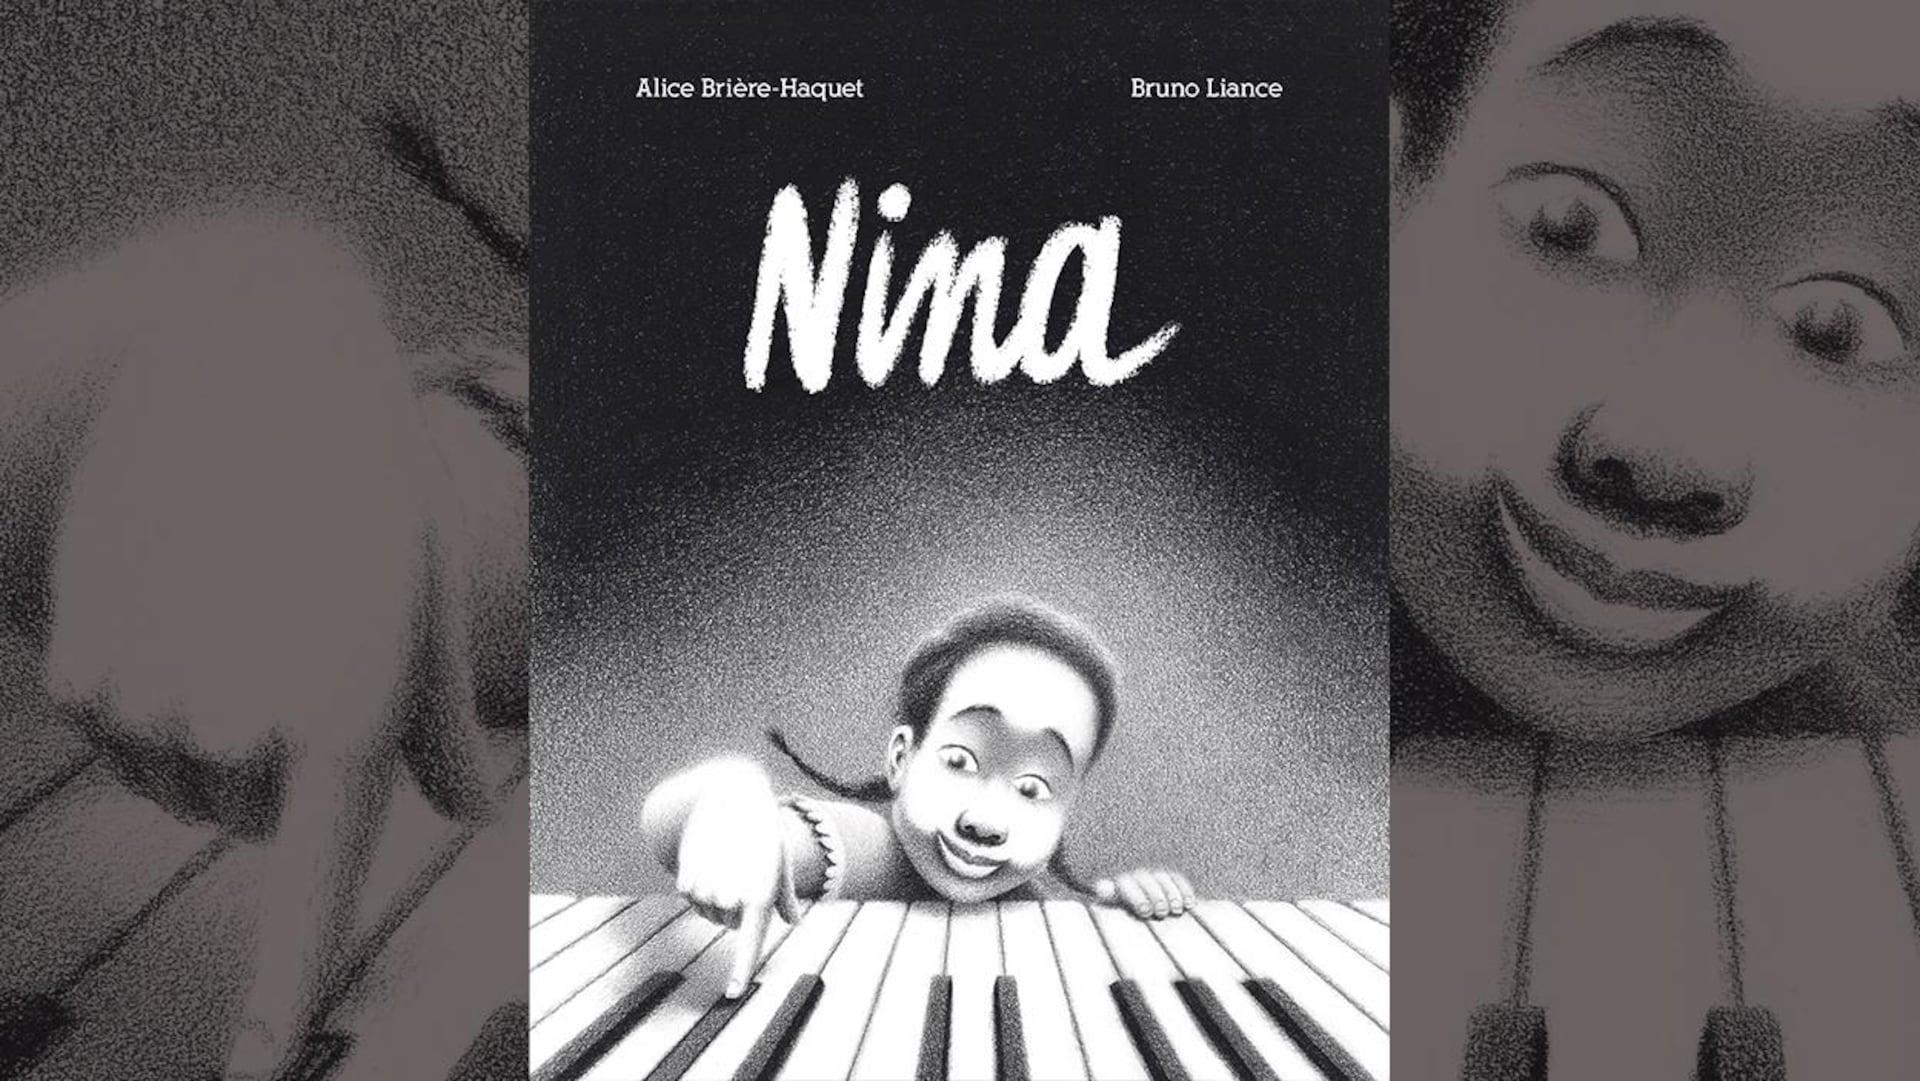 La couverture du livre  Nina  d'Alice Brière-Haquet et Bruno Liance : illustration en noir et blanc d'une petite fille appuyant sur les touches d'un piano avec un doigt